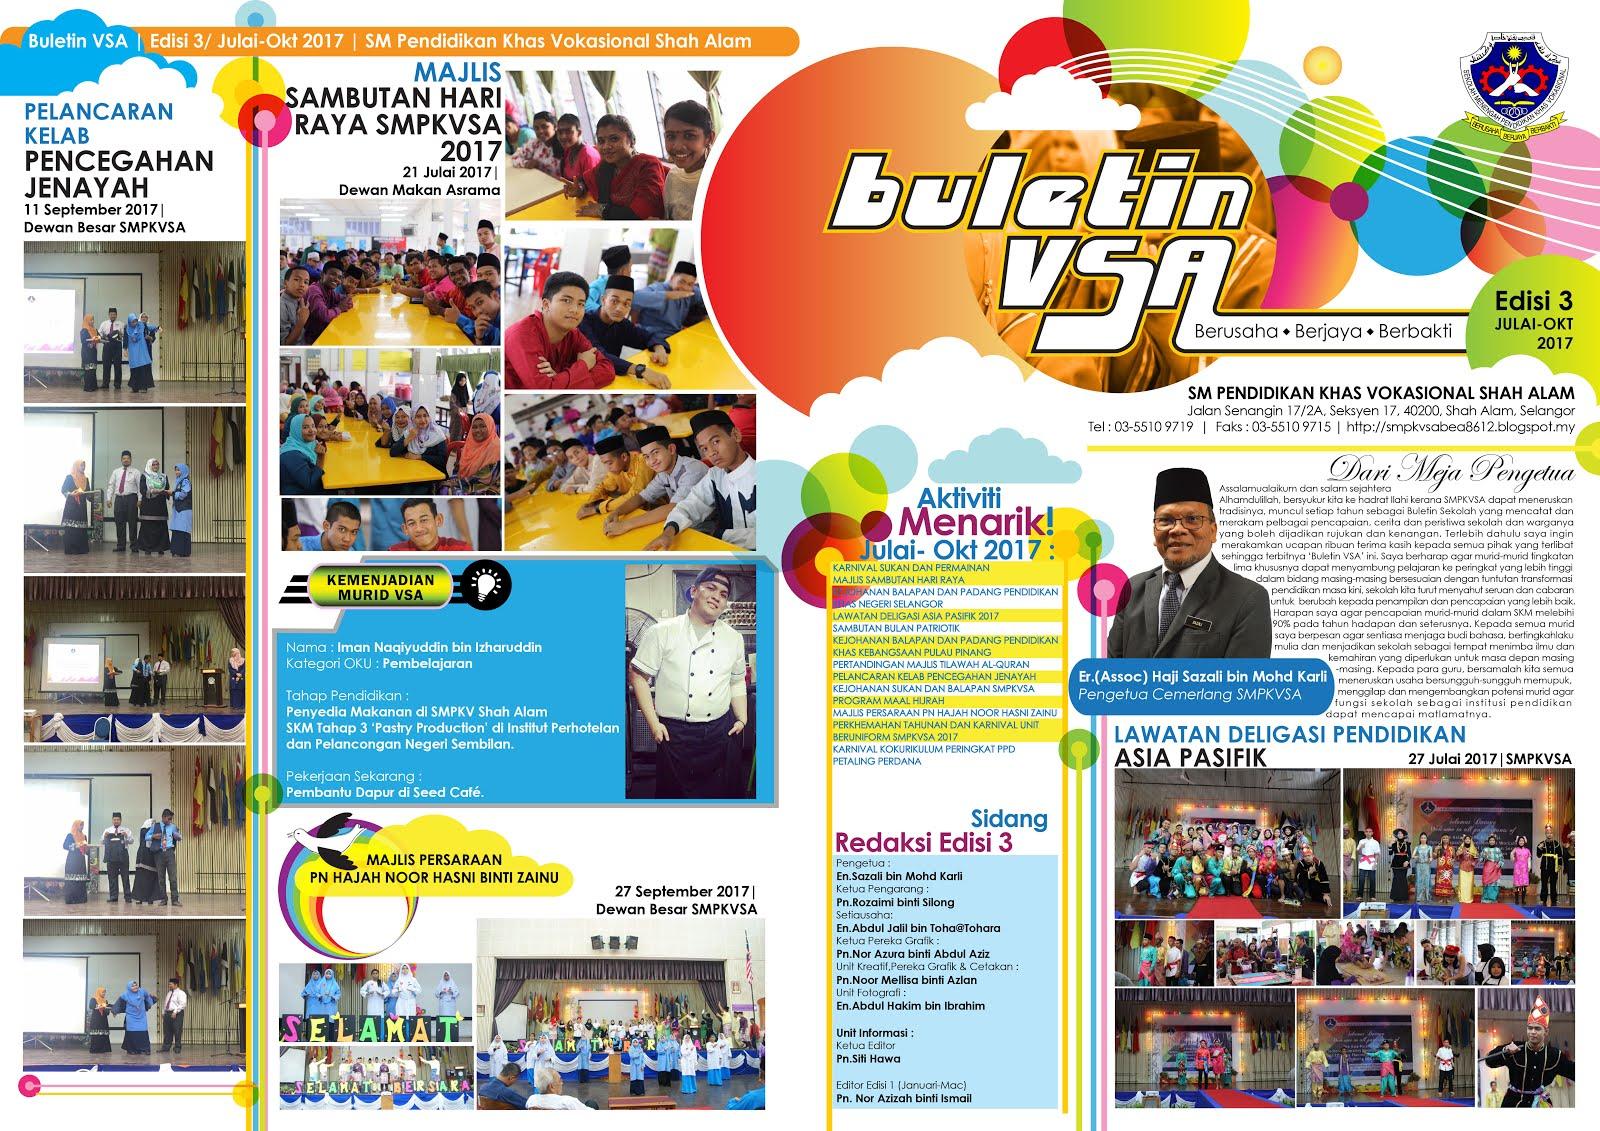 Buletin Edisi 3 (Julai-Oktober 2017)